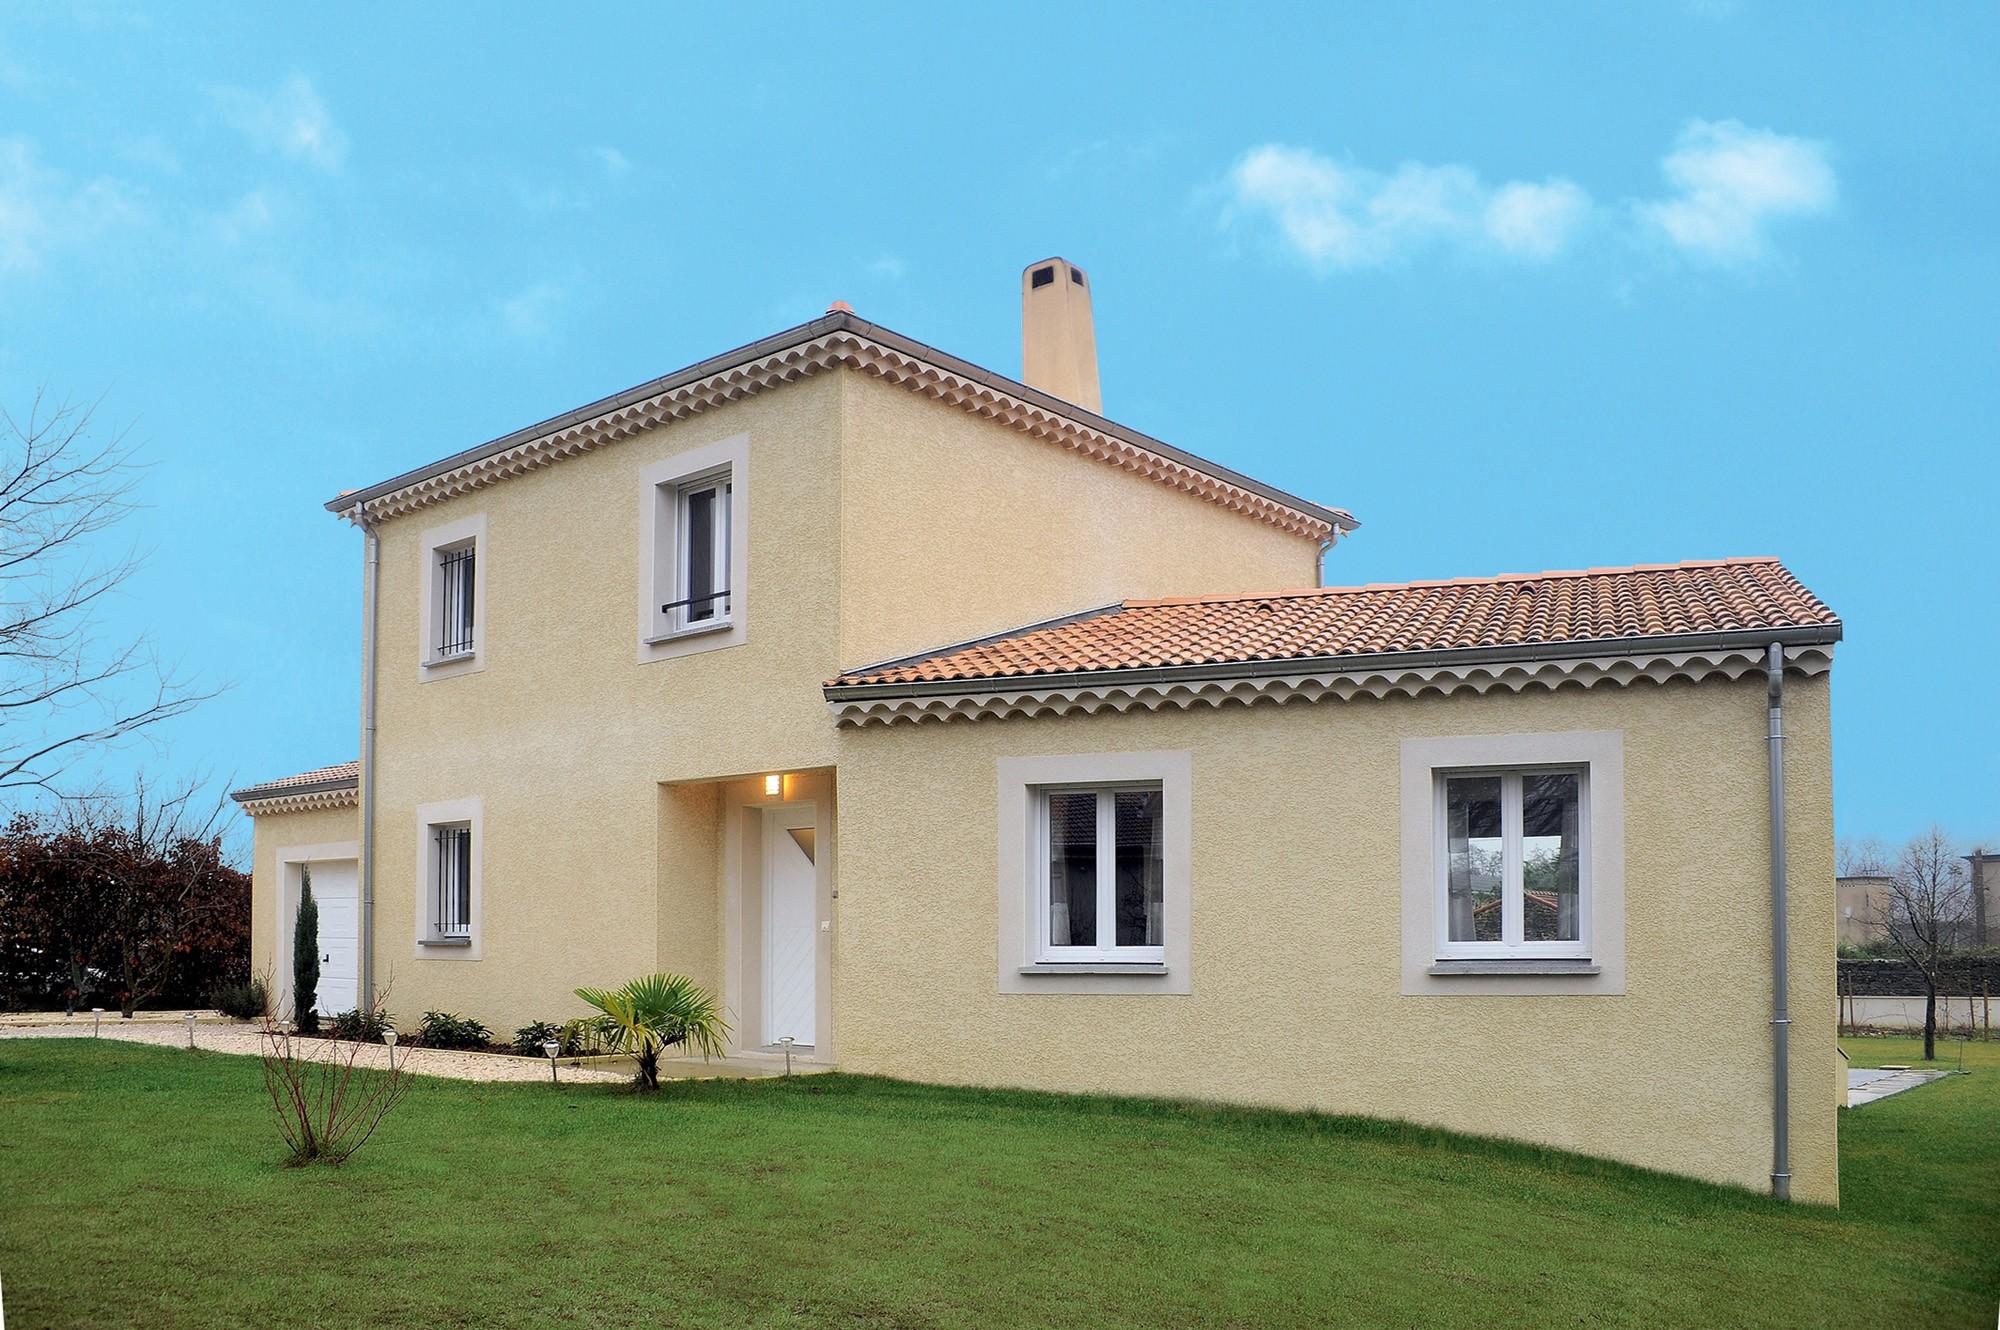 Maisons + Terrains du constructeur MAISON FAMILIALE • 110 m² • LE HAILLAN